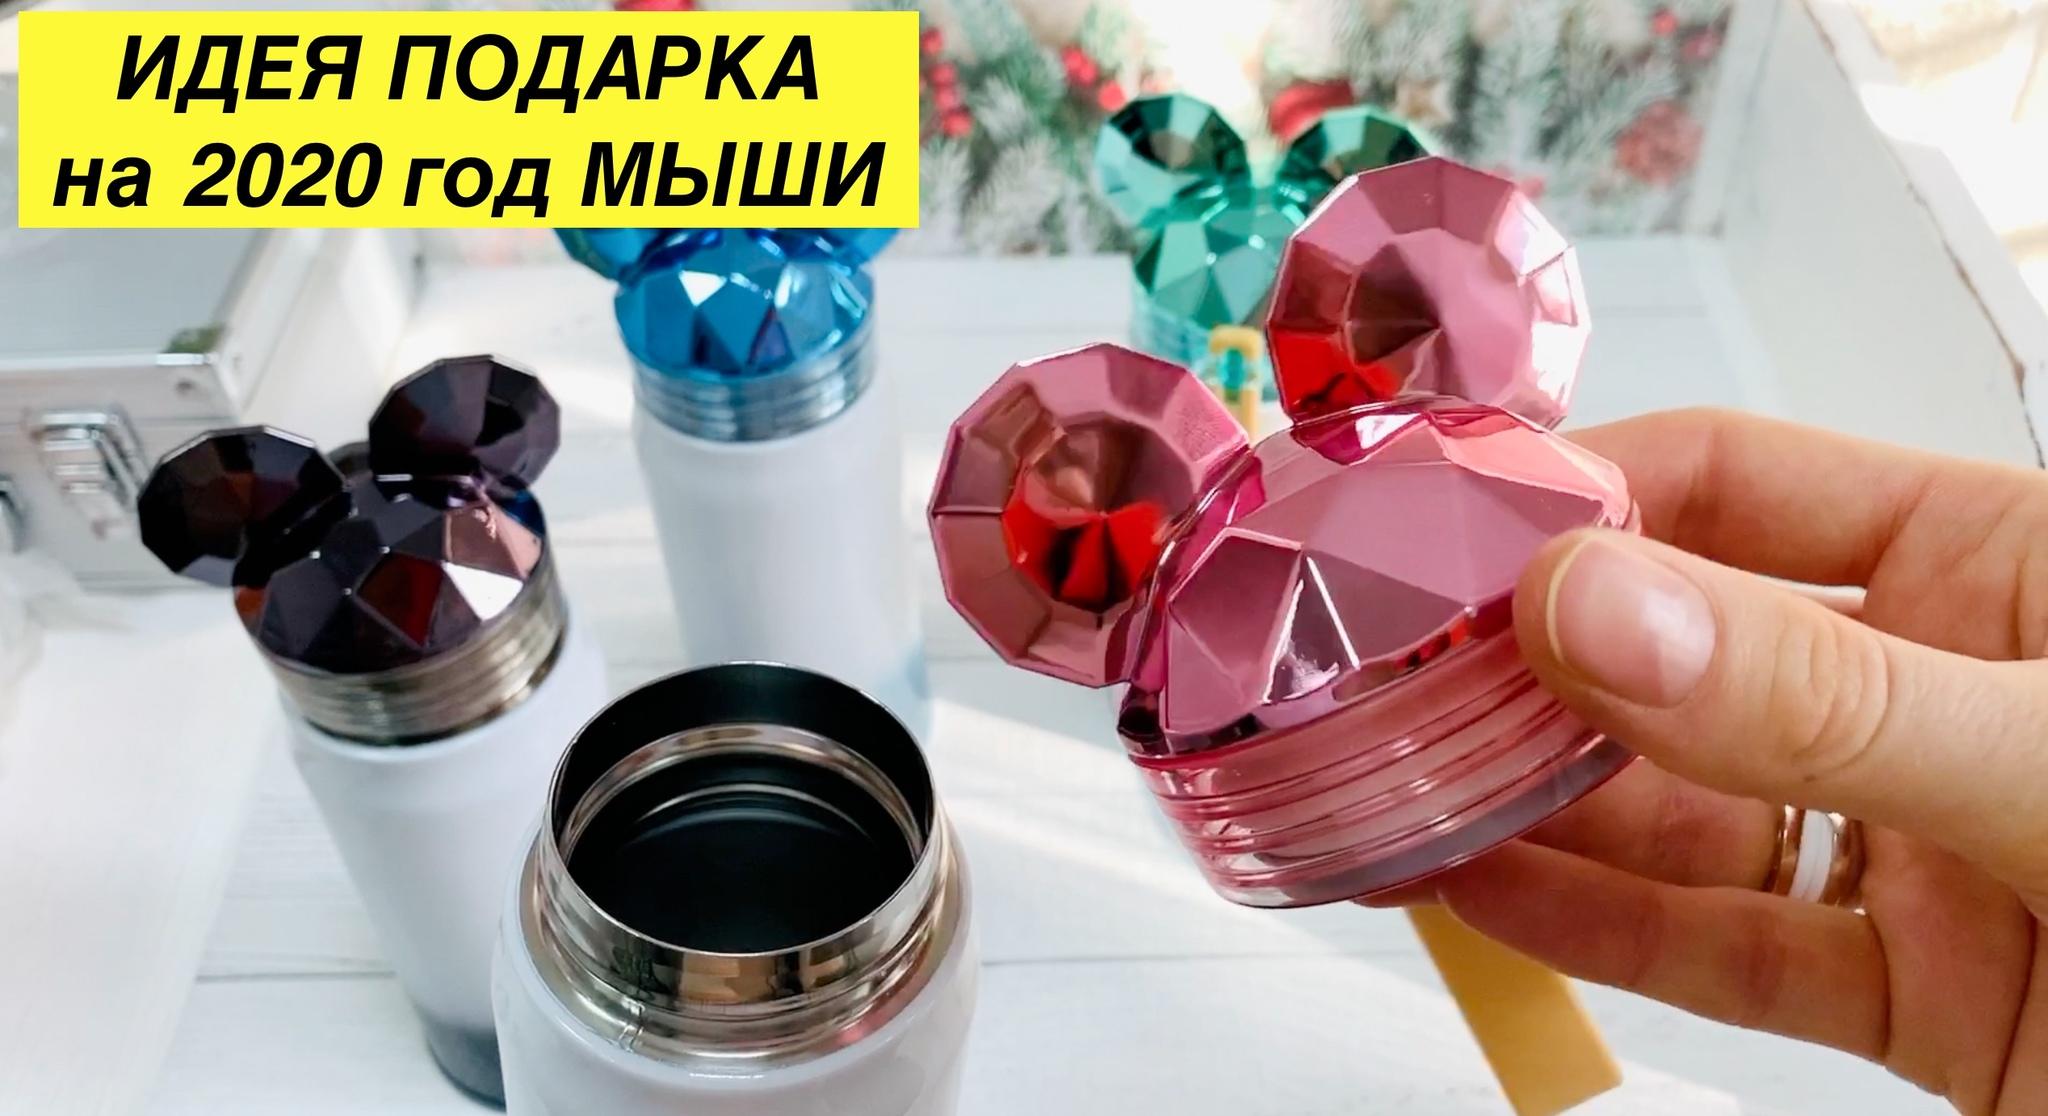 Термос Мышонок на силиконовой ручкой - ВИДЕО